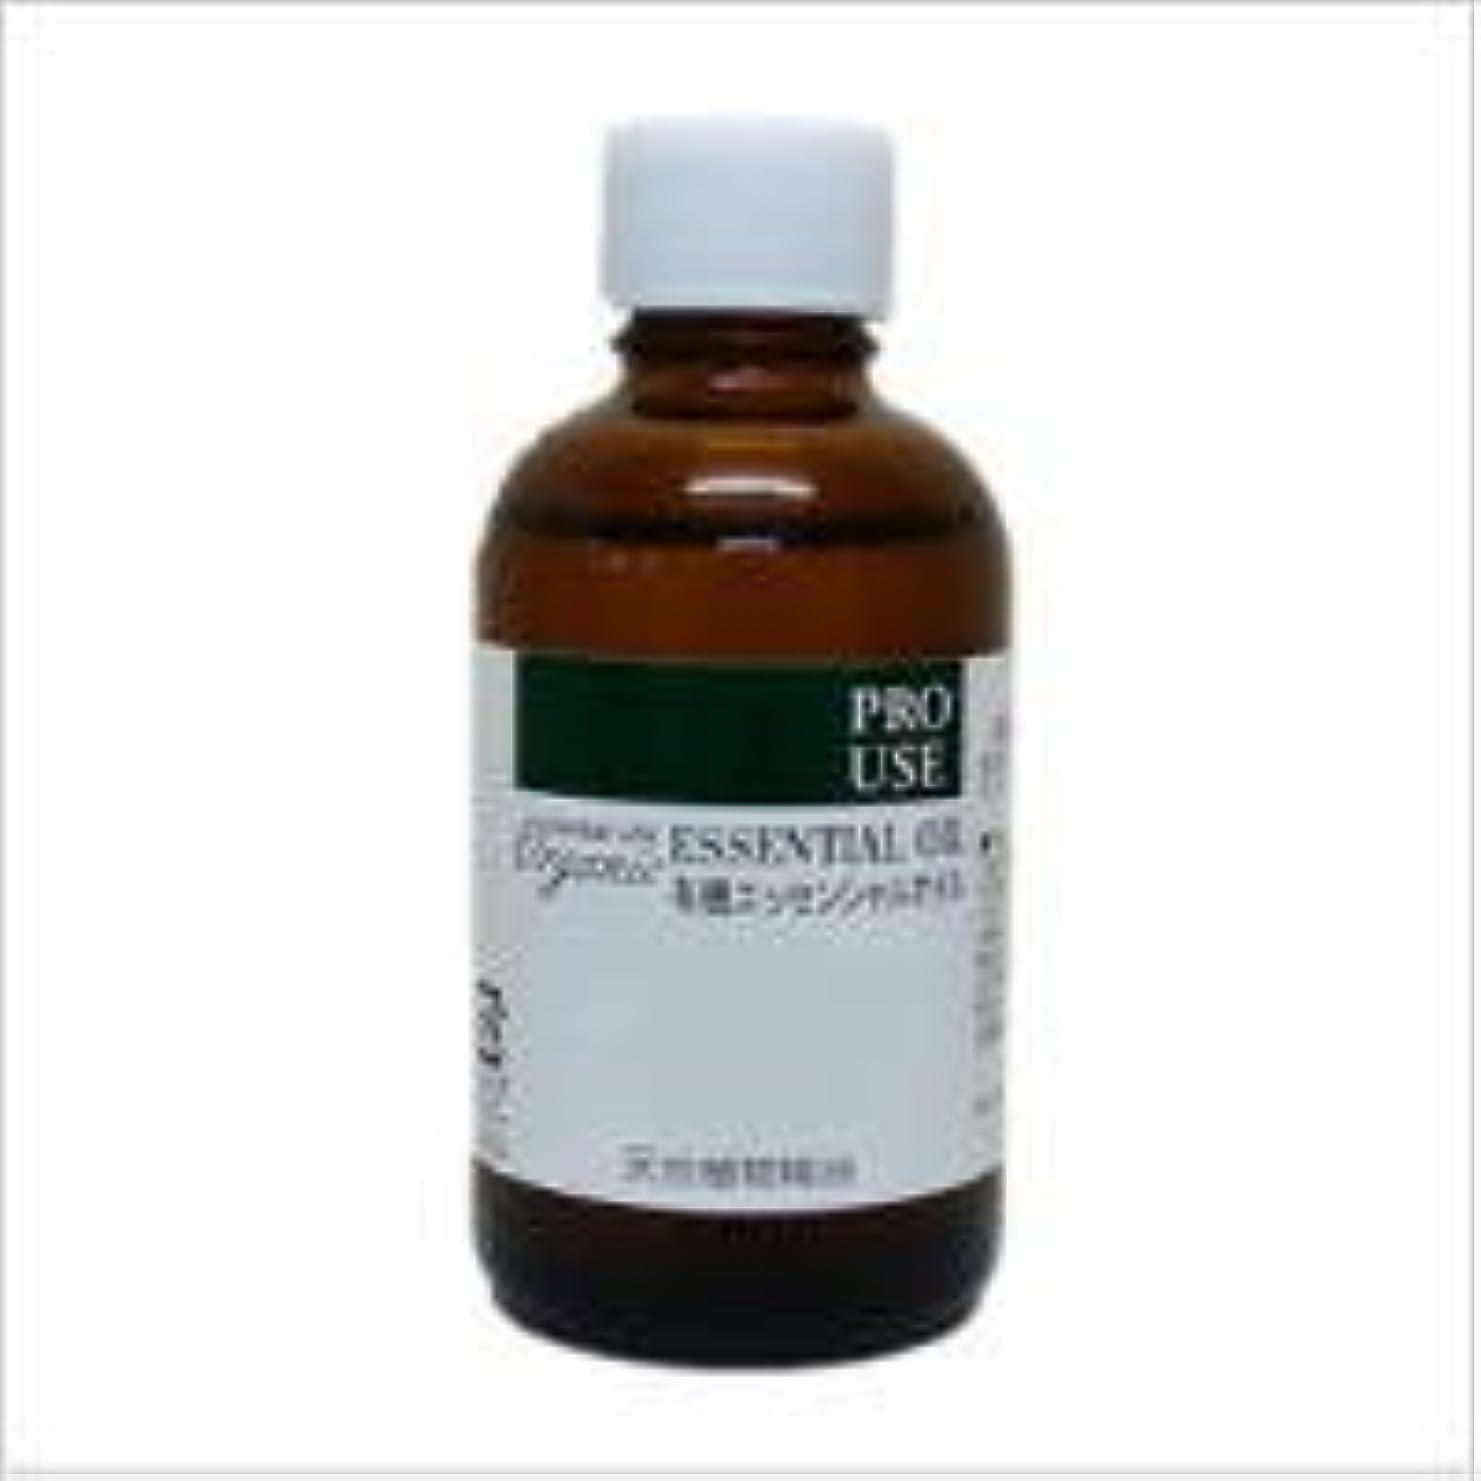 折そしてコントロール生活の木 有機ベルガモット(フロクマリンフリー) 50ml エッセンシャルオイル/精油/オーガニック